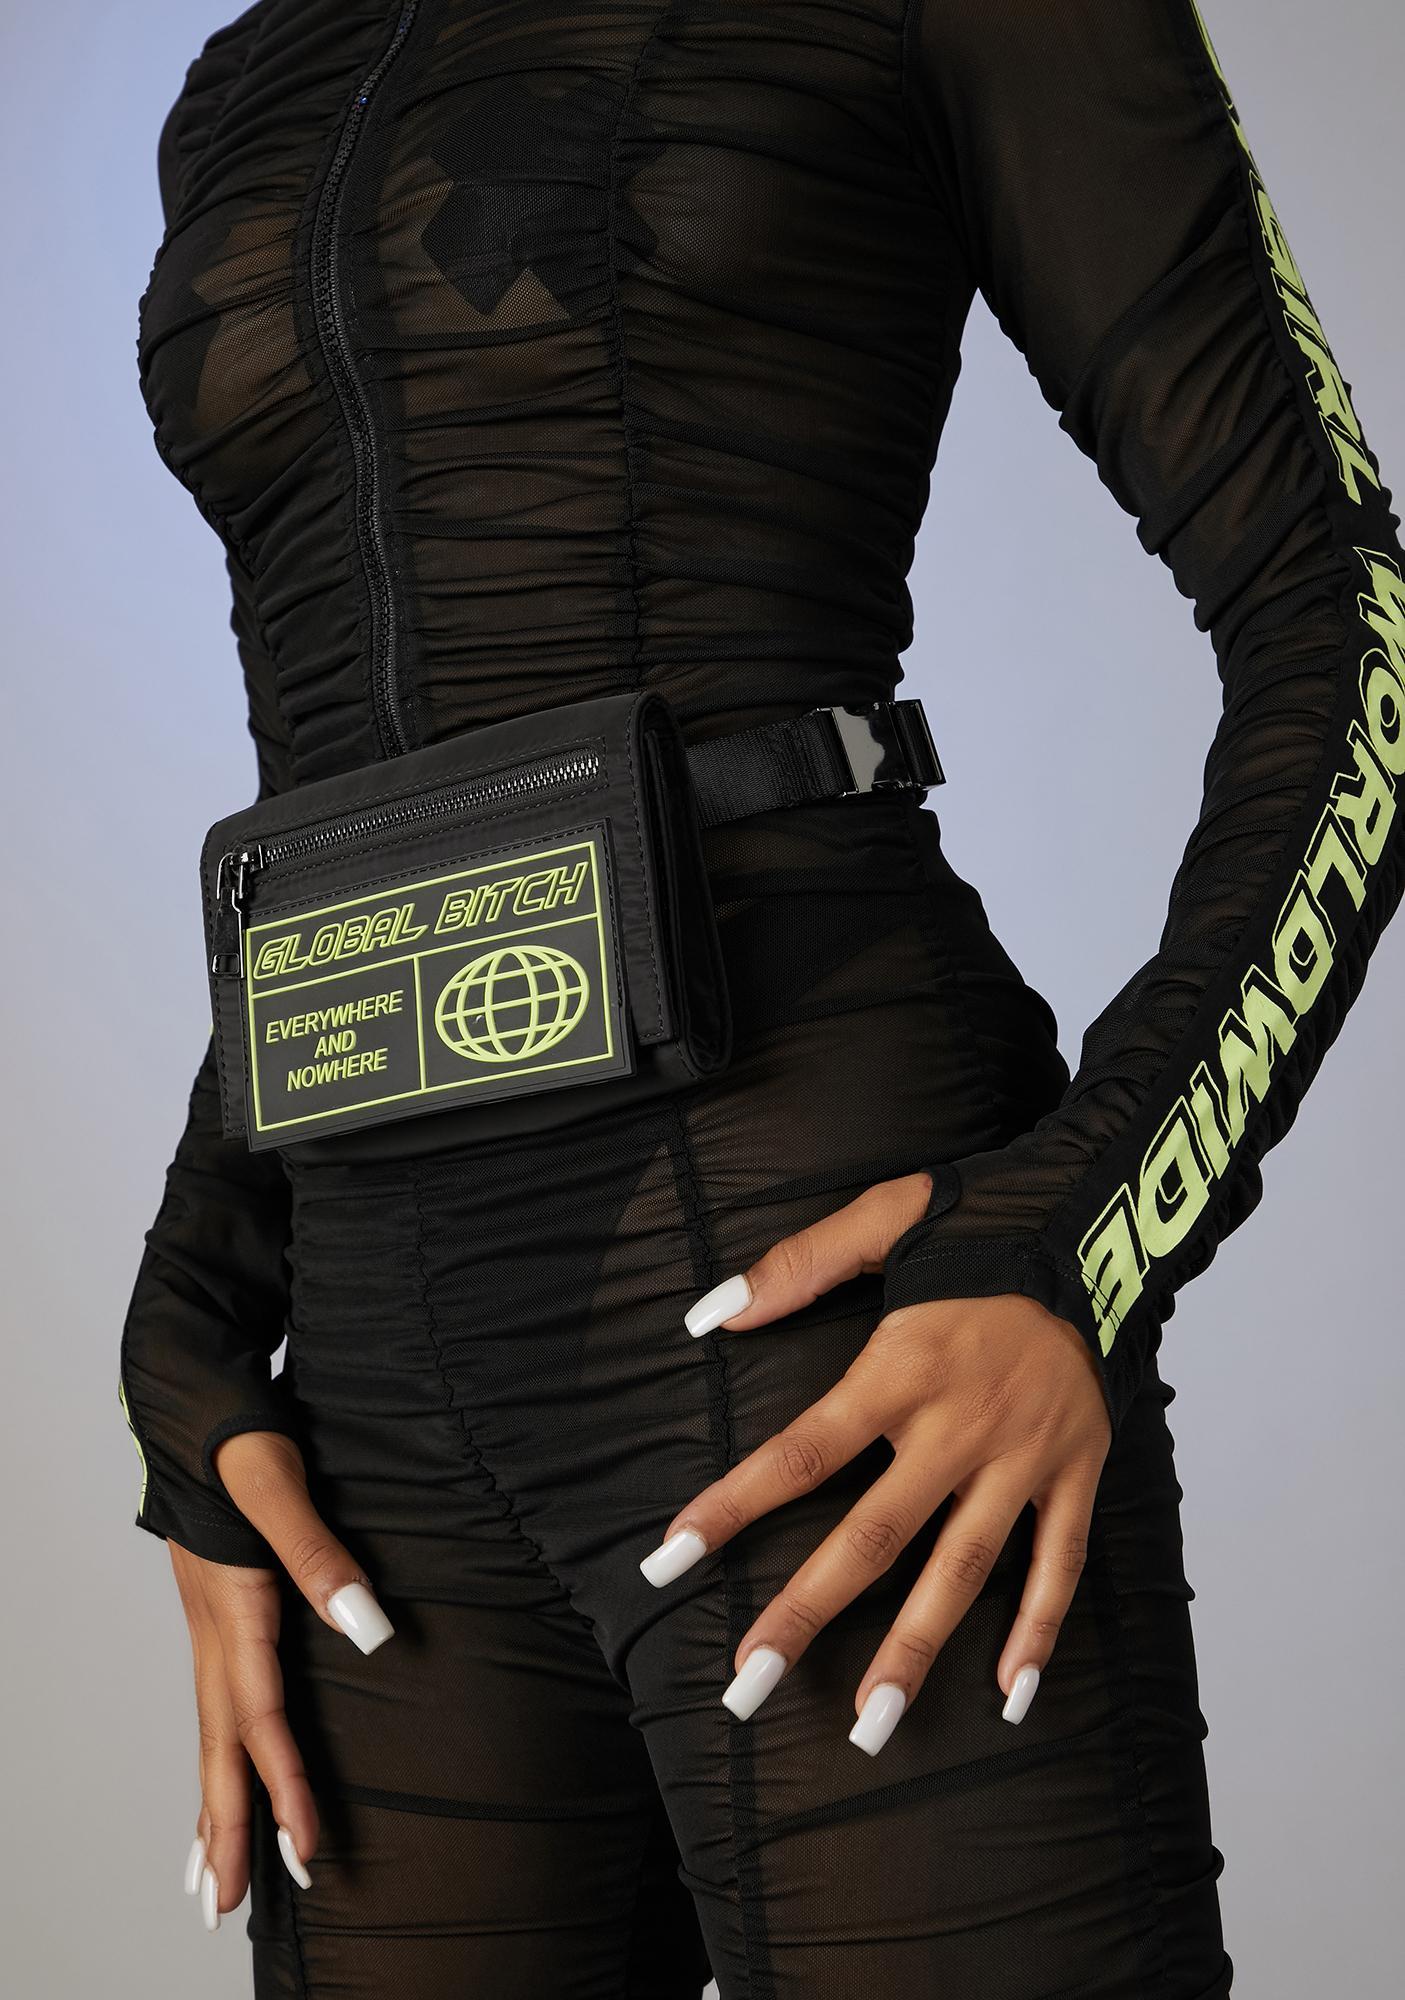 Poster Grl Toxic Trendsetter Belt Bag